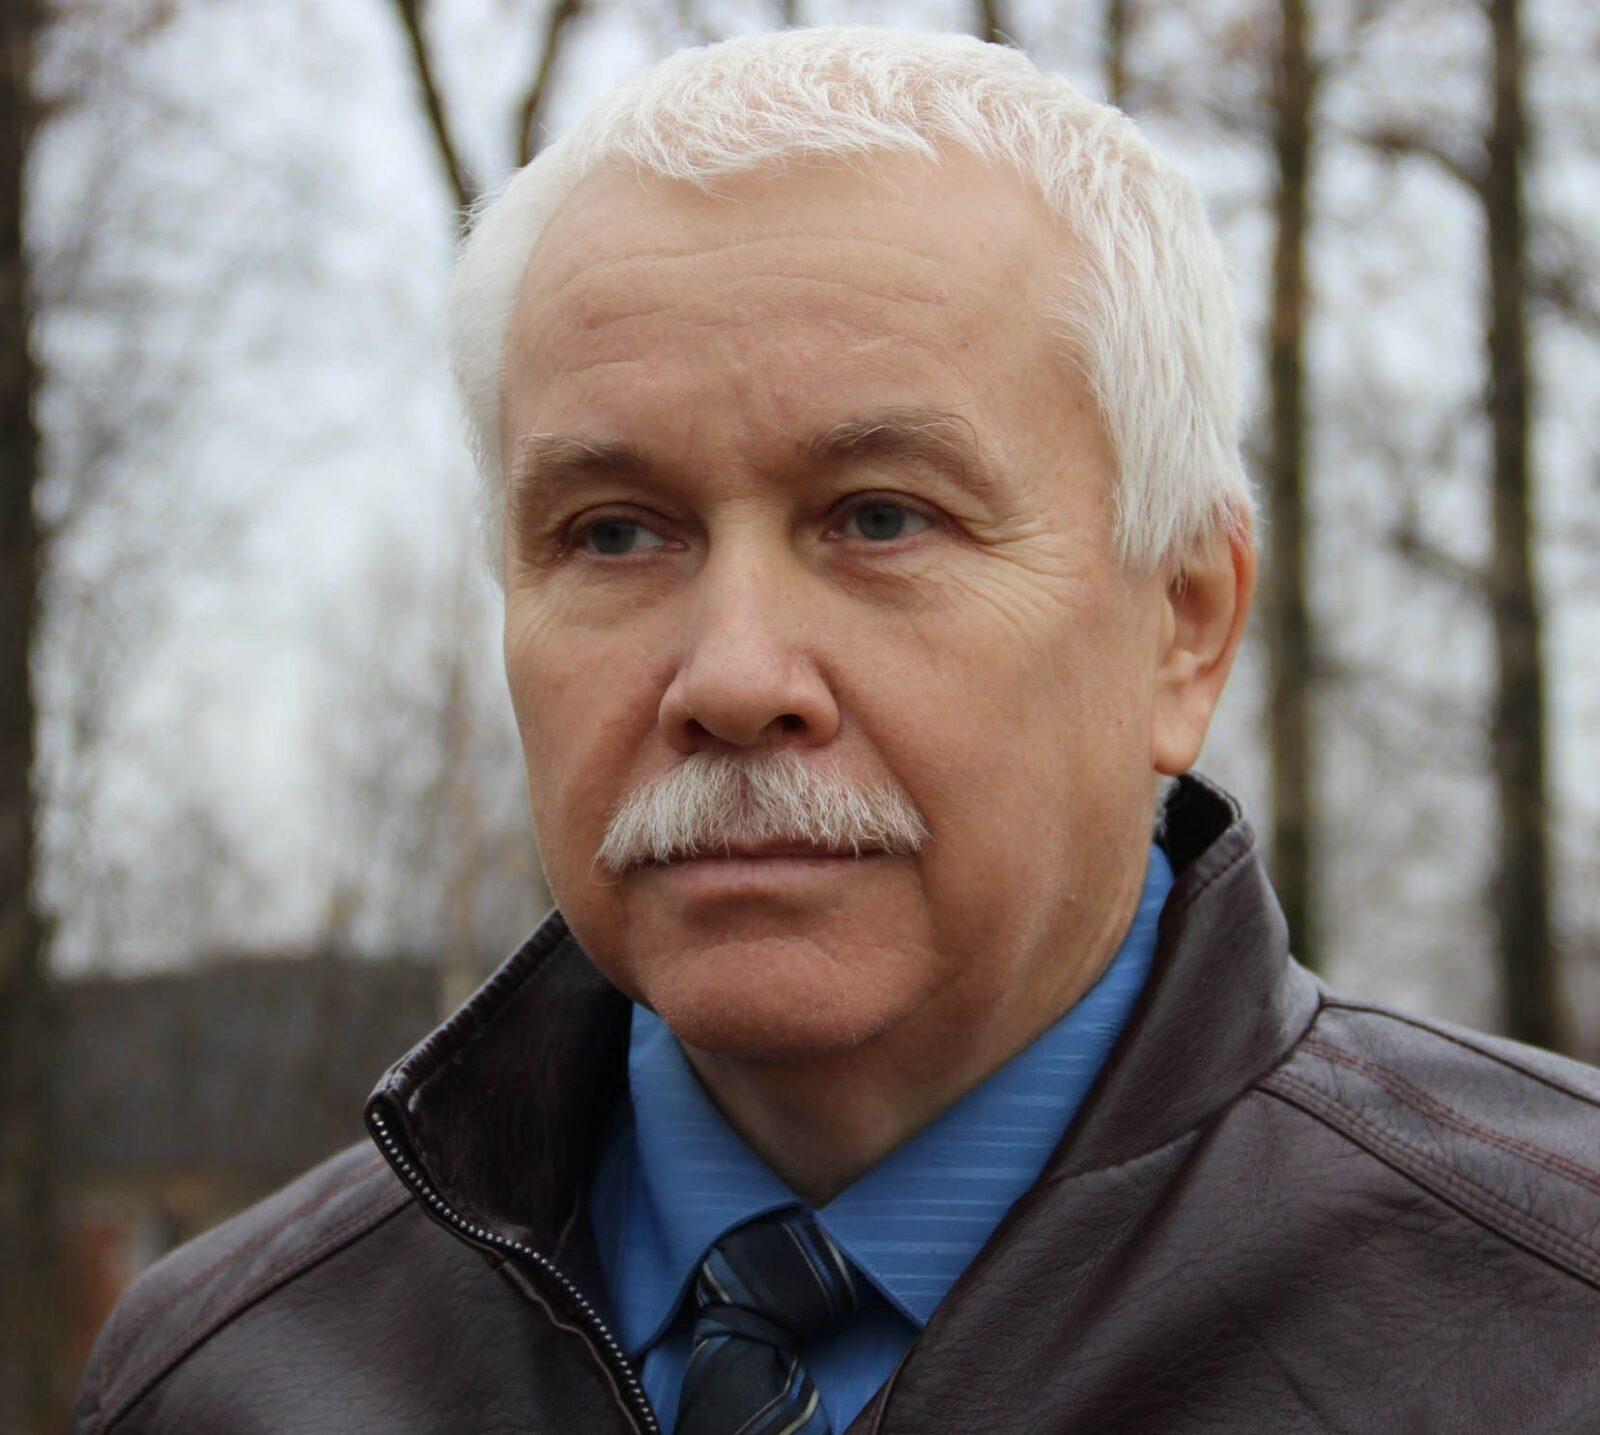 Юрий Ануфриев: От новой модели перевозок прежде всего жду повышения безопасности перевозок